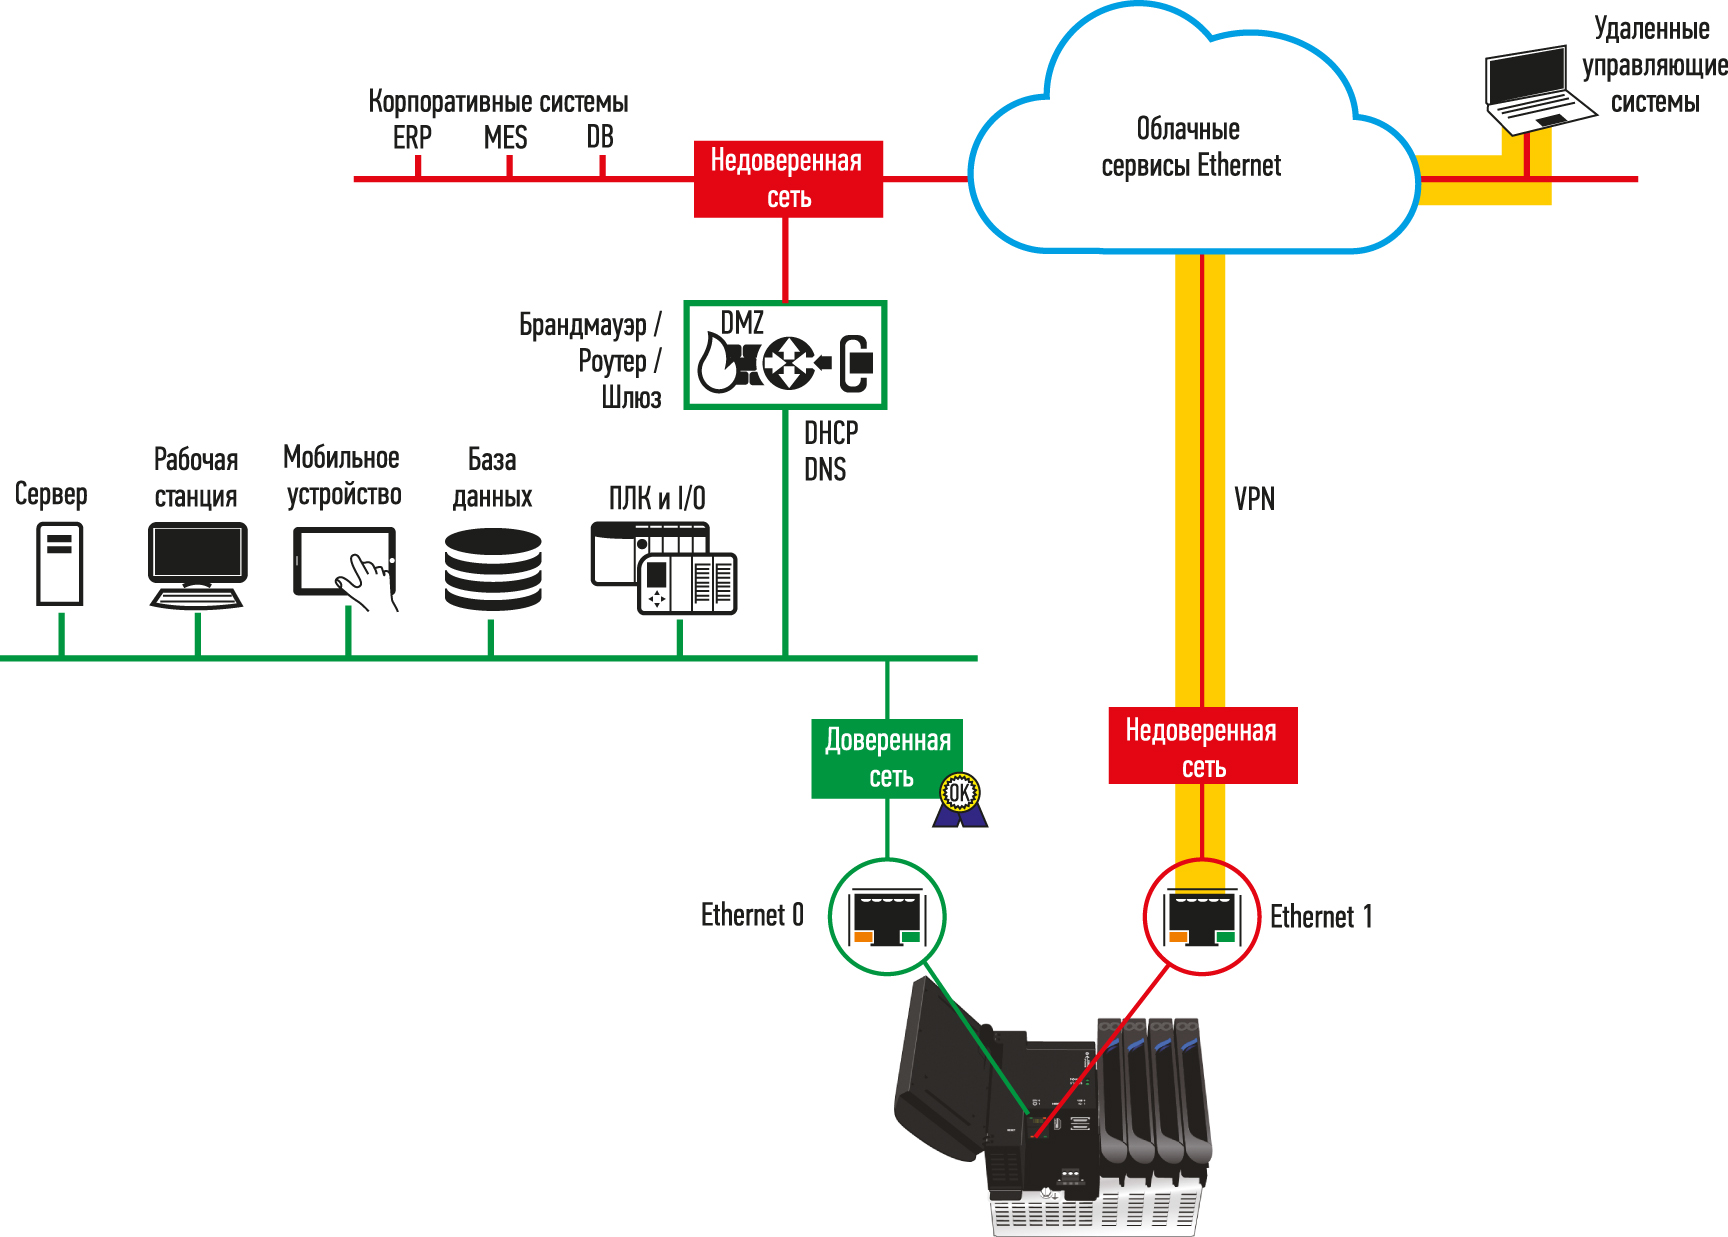 Некоторые контроллеры для удаленного подключения могут быть настроены персоналом OT для установки безопасного VPN-туннеля, показанного здесь оранжевой подсветкой. Это может быть полезно как на временной основе для устранения неполадок, так и на постоянной для нормальной работы